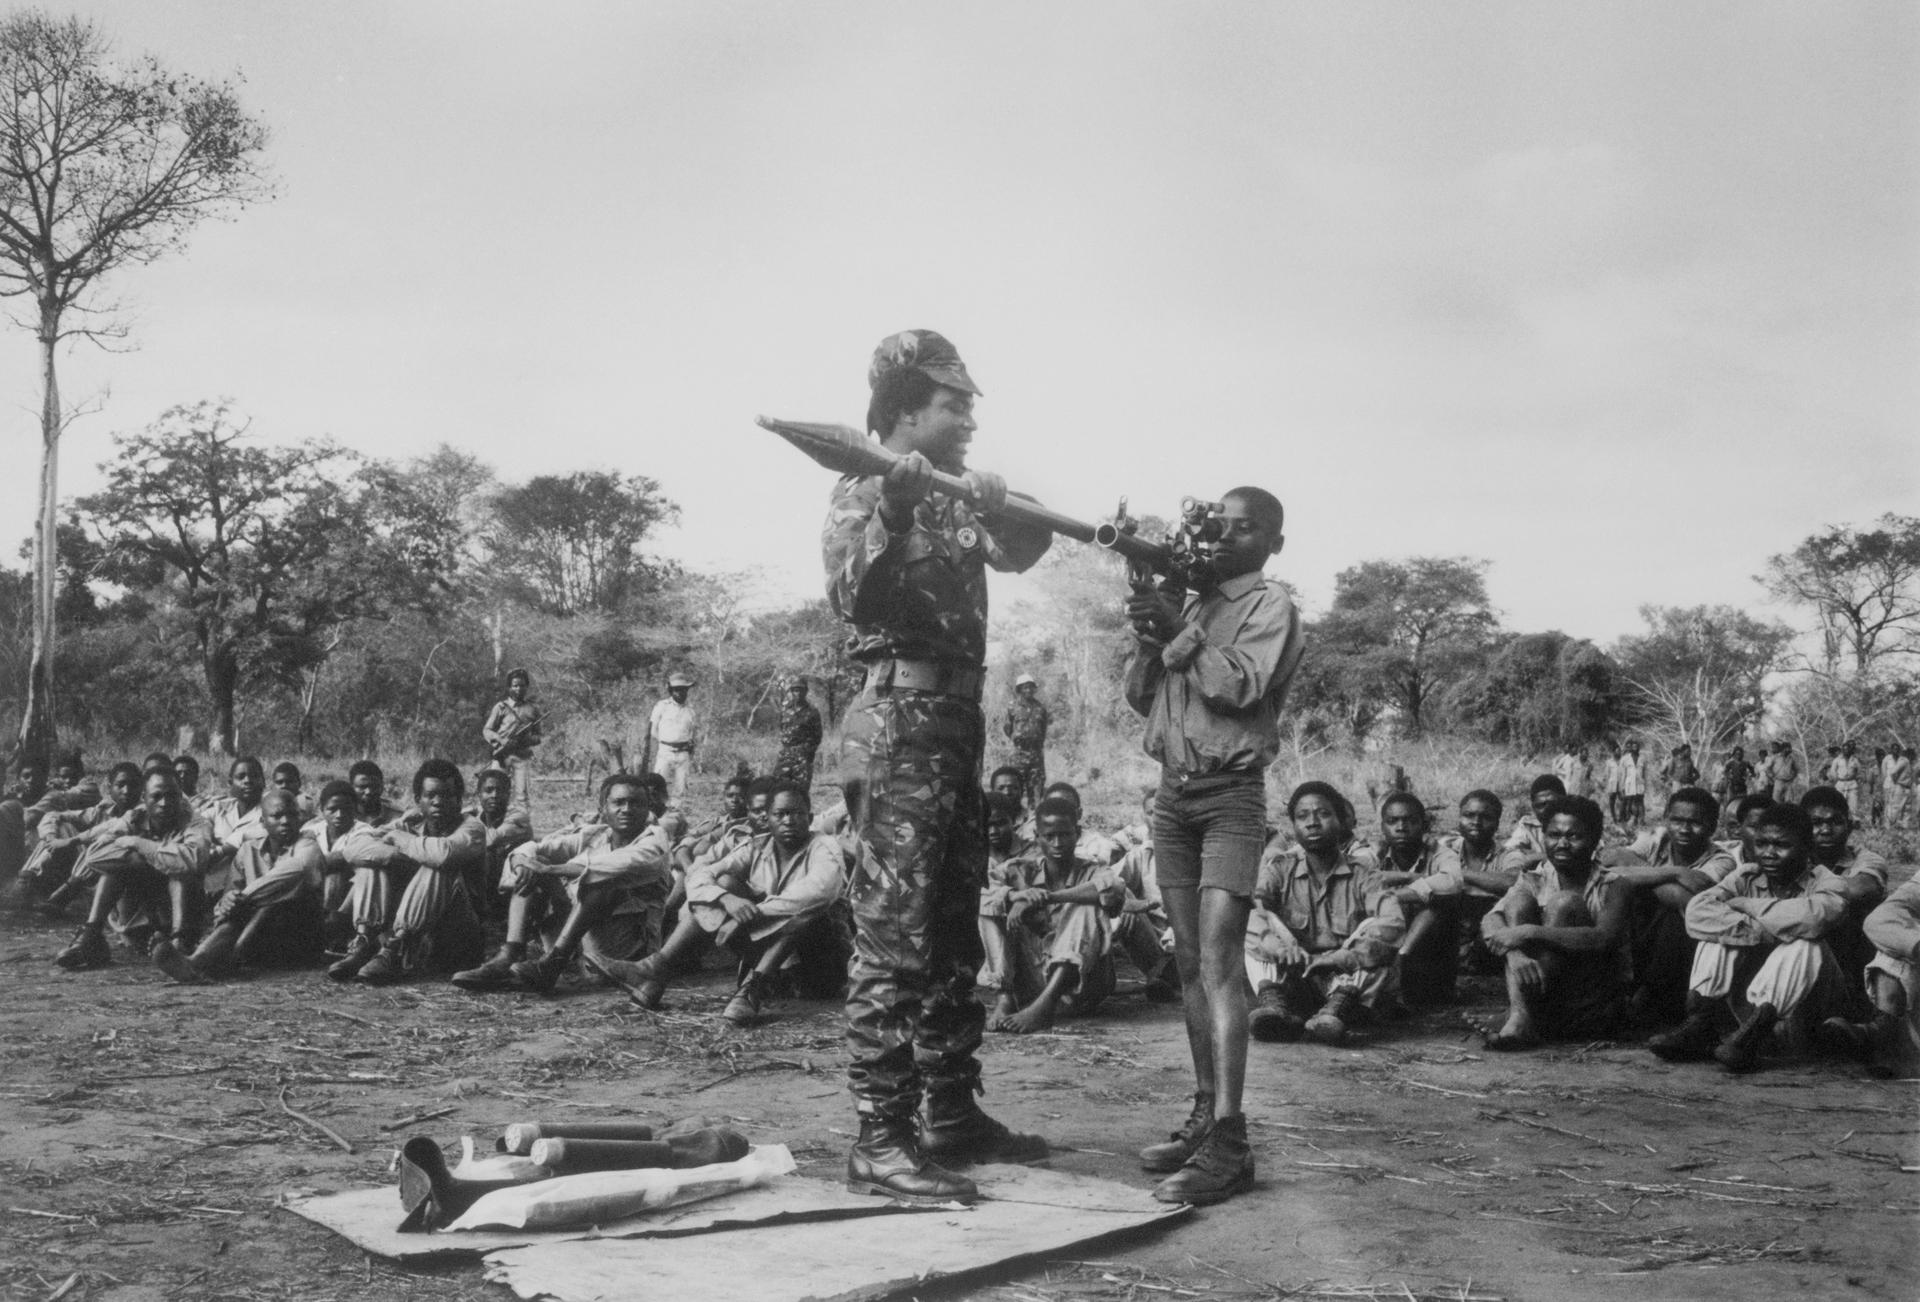 «Мы шли в полной неизвестности»: как в 1983 году в Мозамбике захватили в плен более 20 советских геологов4